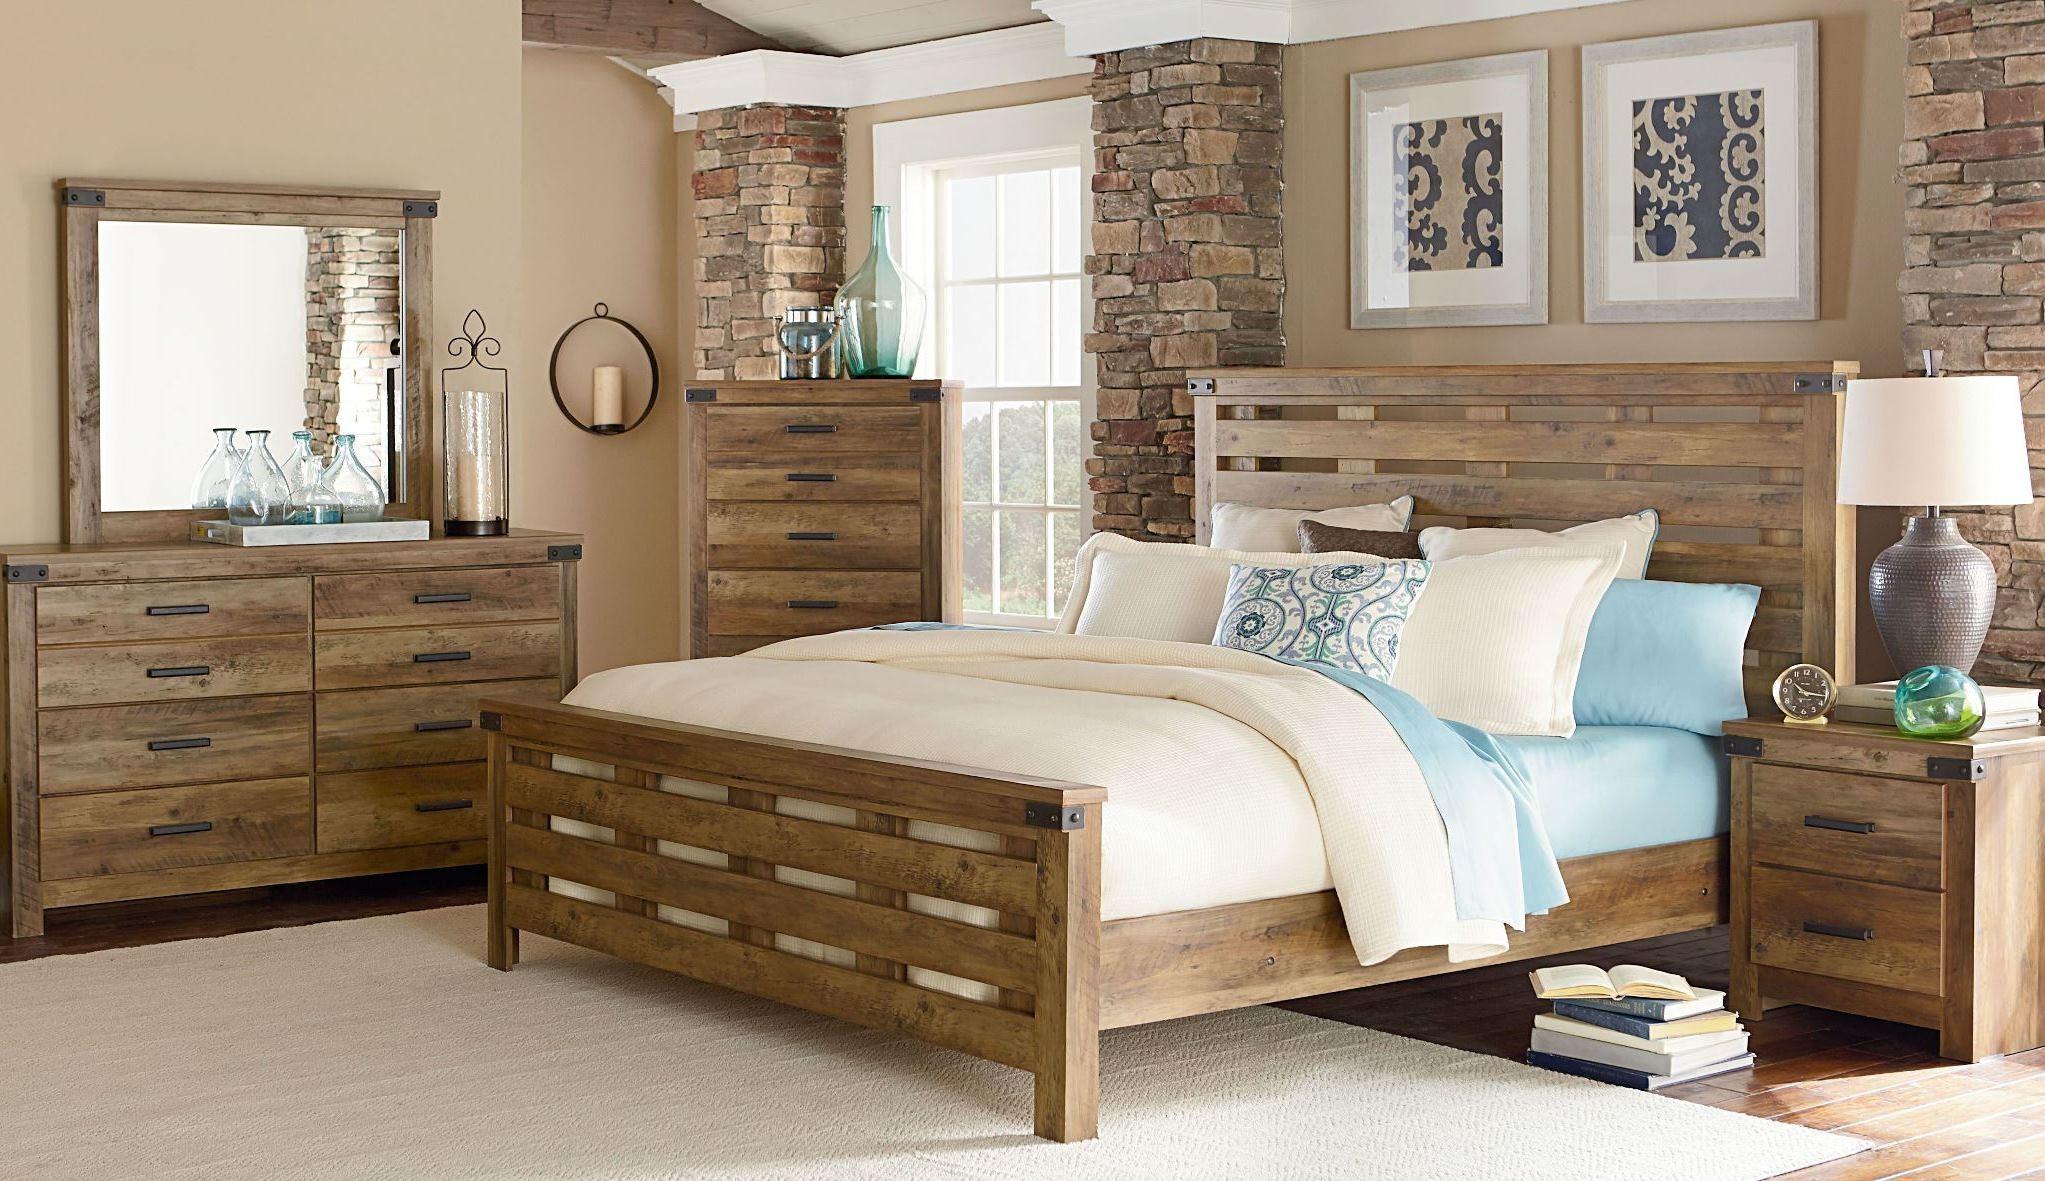 montana rustic buckskin panel bedroom set from standard furniture coleman furniture. Black Bedroom Furniture Sets. Home Design Ideas